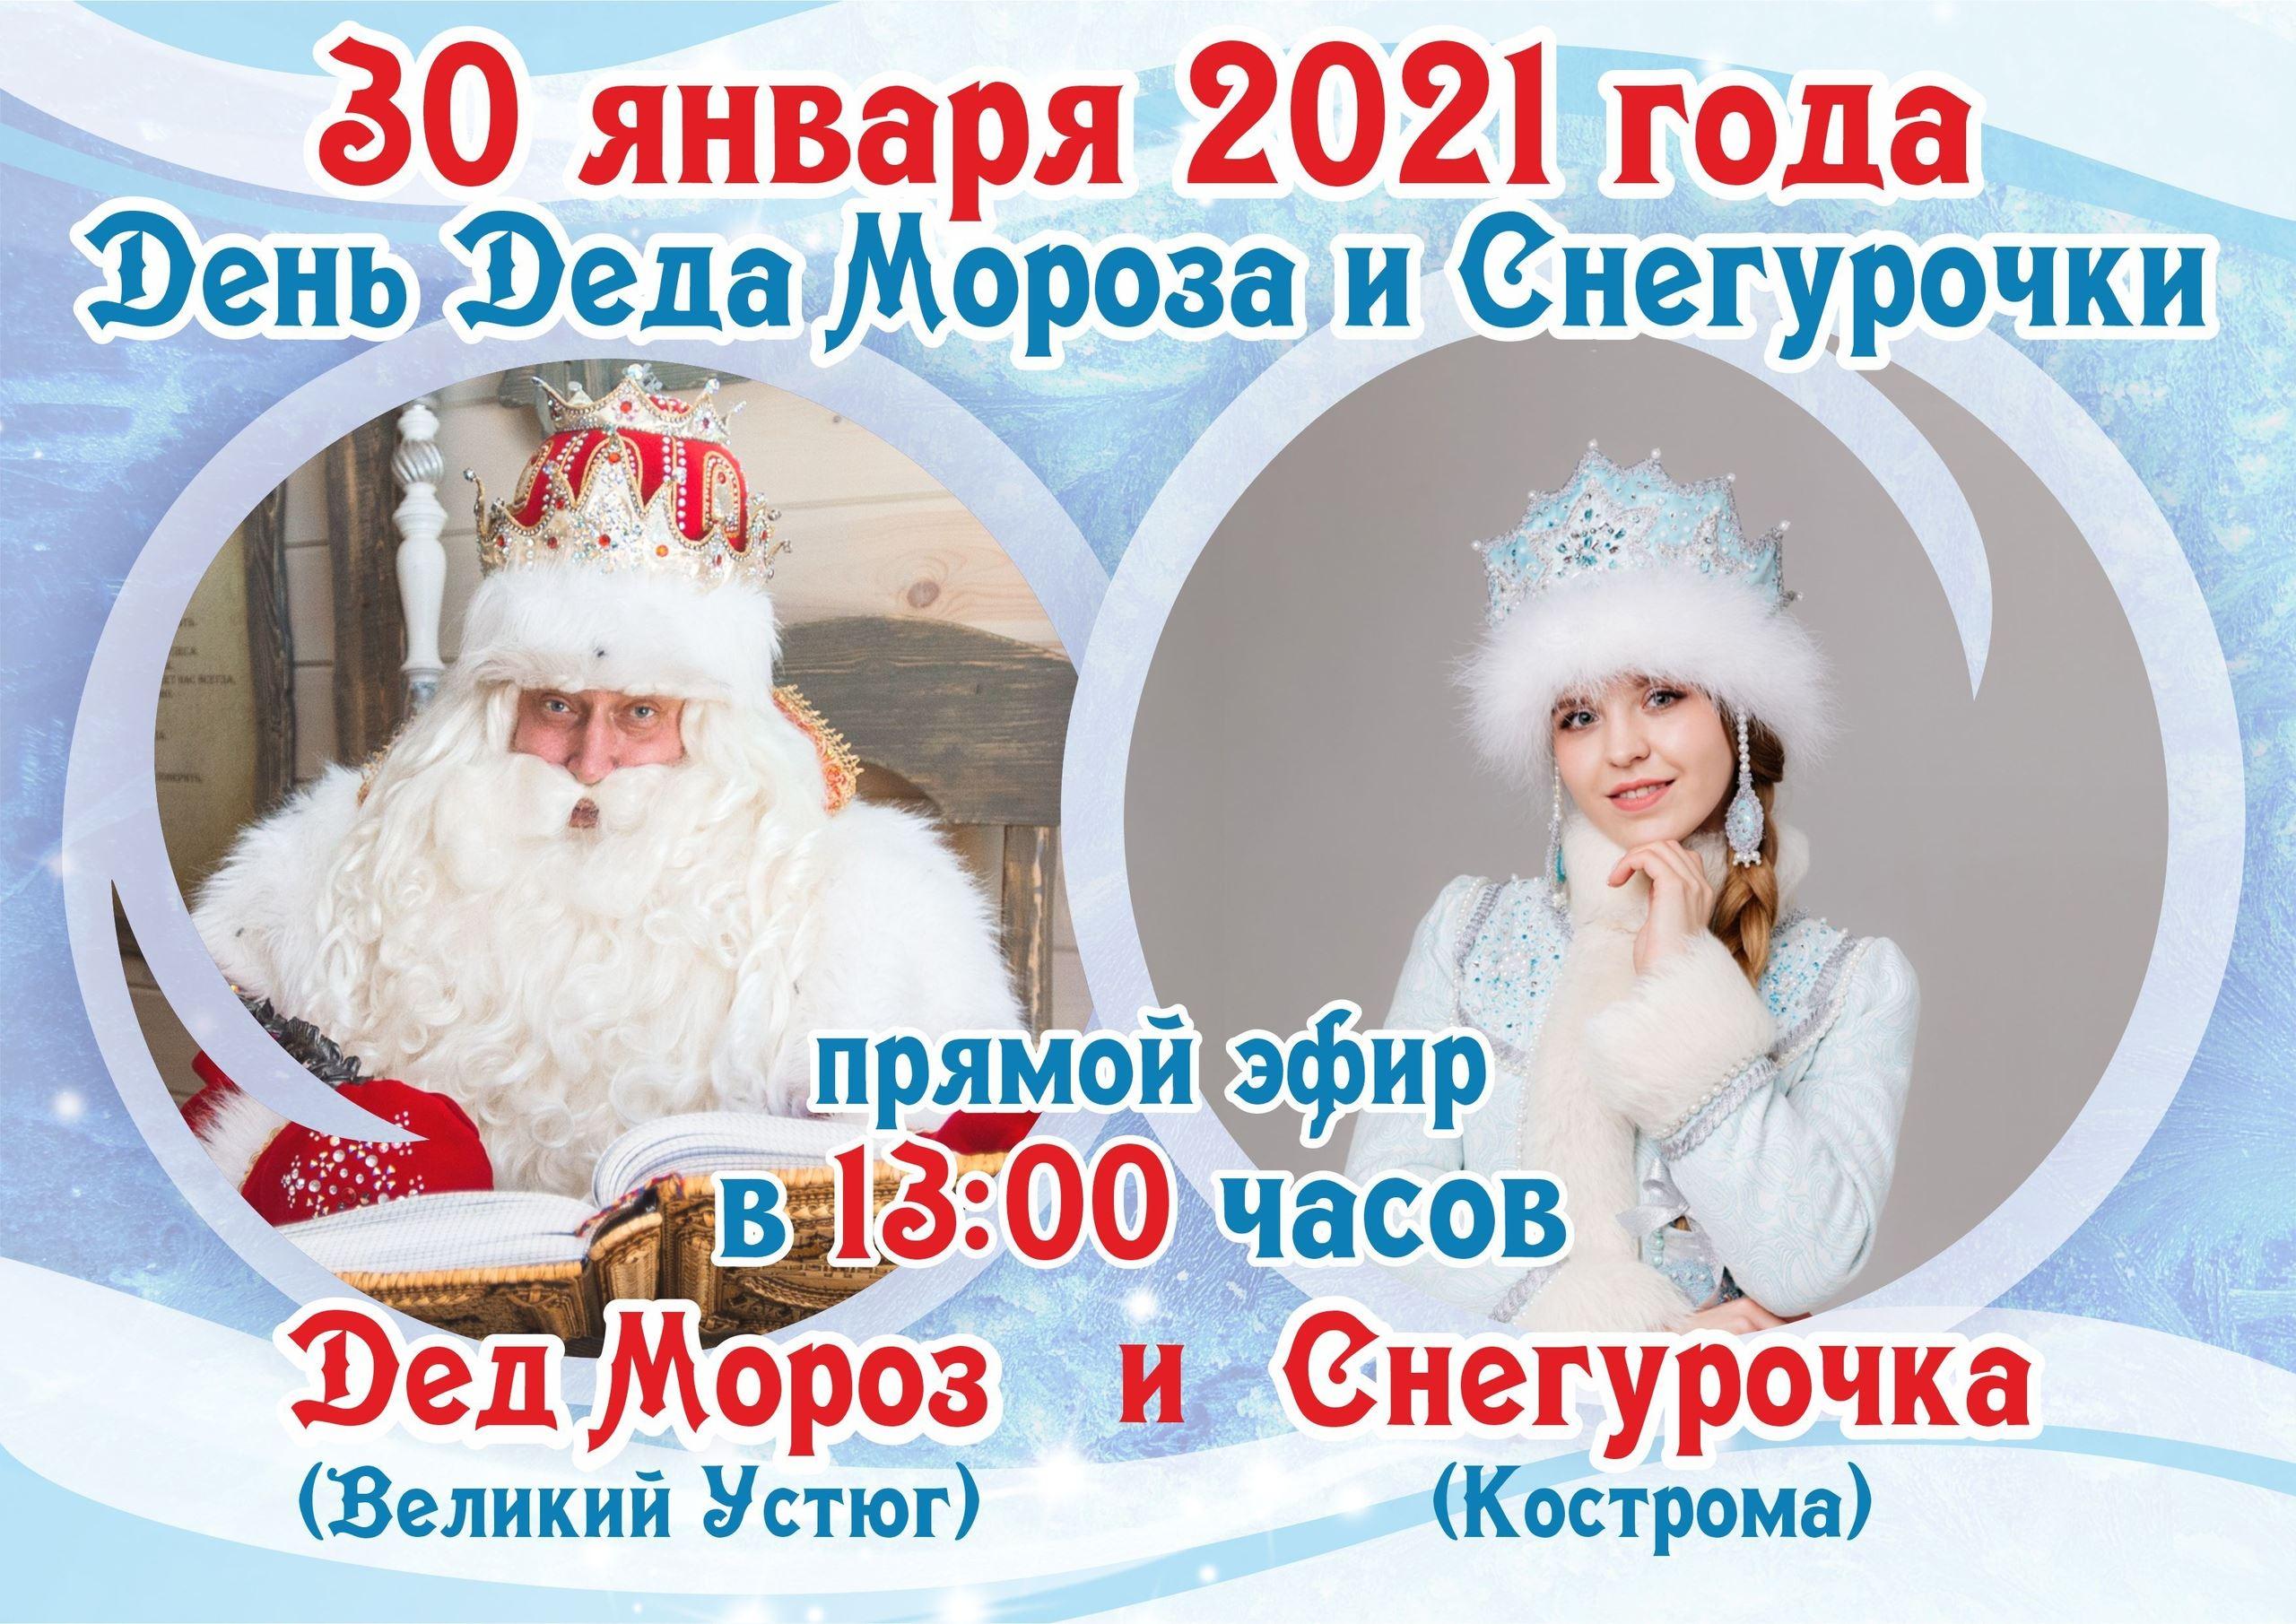 В Костроме Снегурочка разыграет подарок за репост